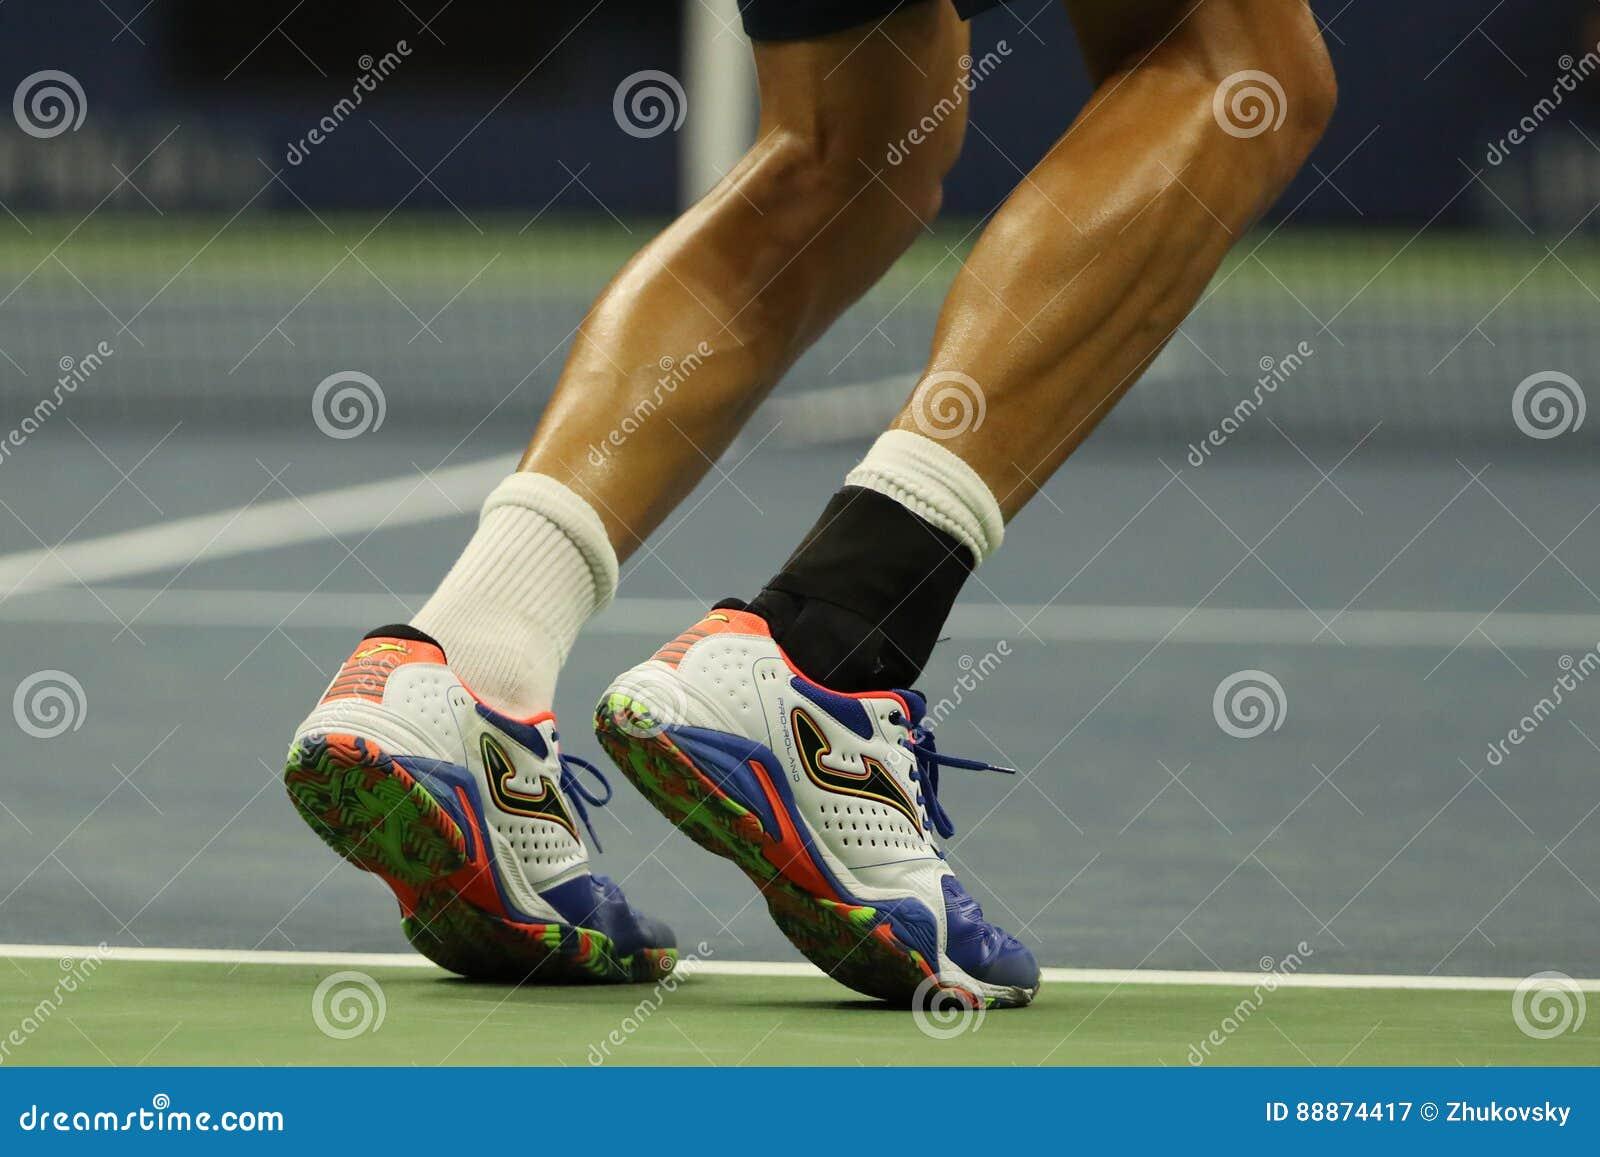 Ο επαγγελματικός τενίστας Marcel Granollers της Ισπανίας φορά τα παπούτσια αντισφαίρισης Joma συνήθειας κατά τη διάρκεια των ΗΠΑ